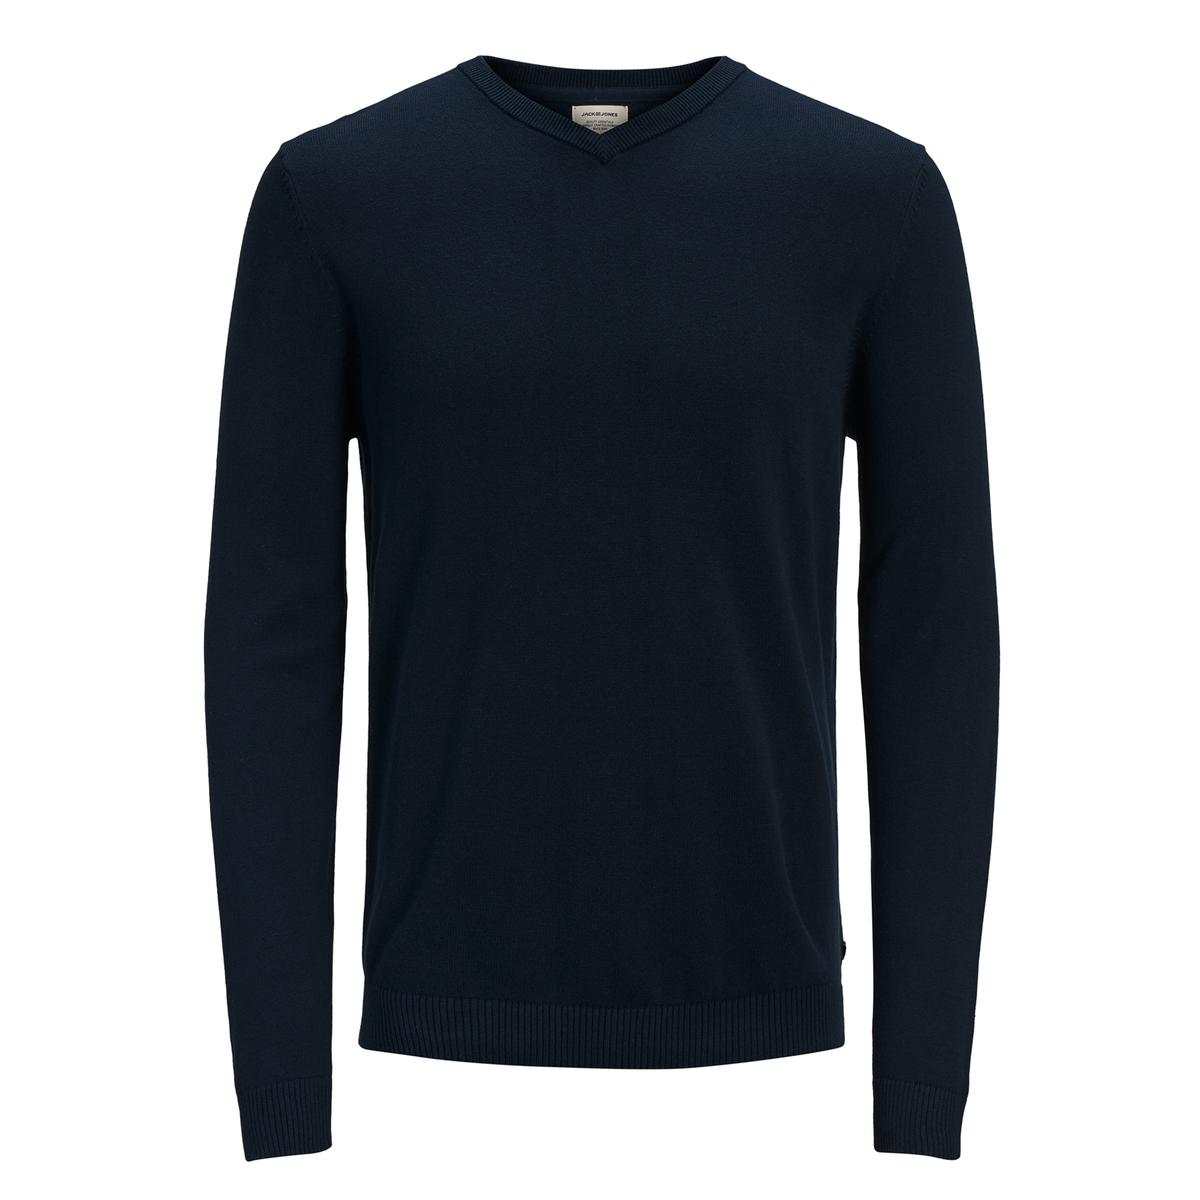 Пуловер La Redoute С V-образным вырезом из тонкого трикотажа L синий пуловер la redoute с v образным вырезом из тонкого витого трикотажа m каштановый